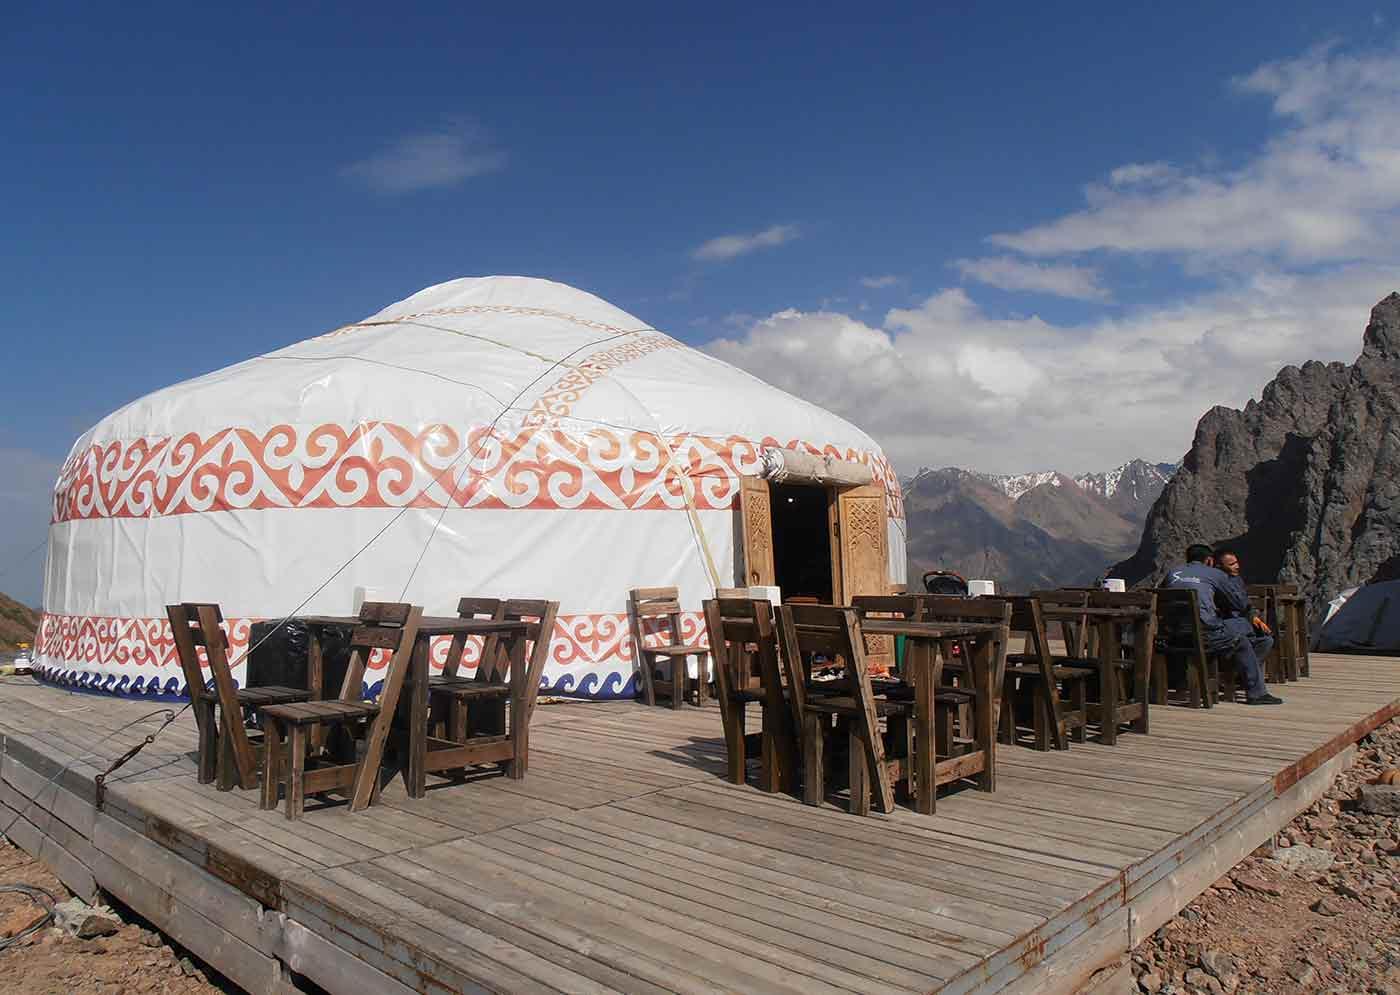 Yurta vivienda nómada